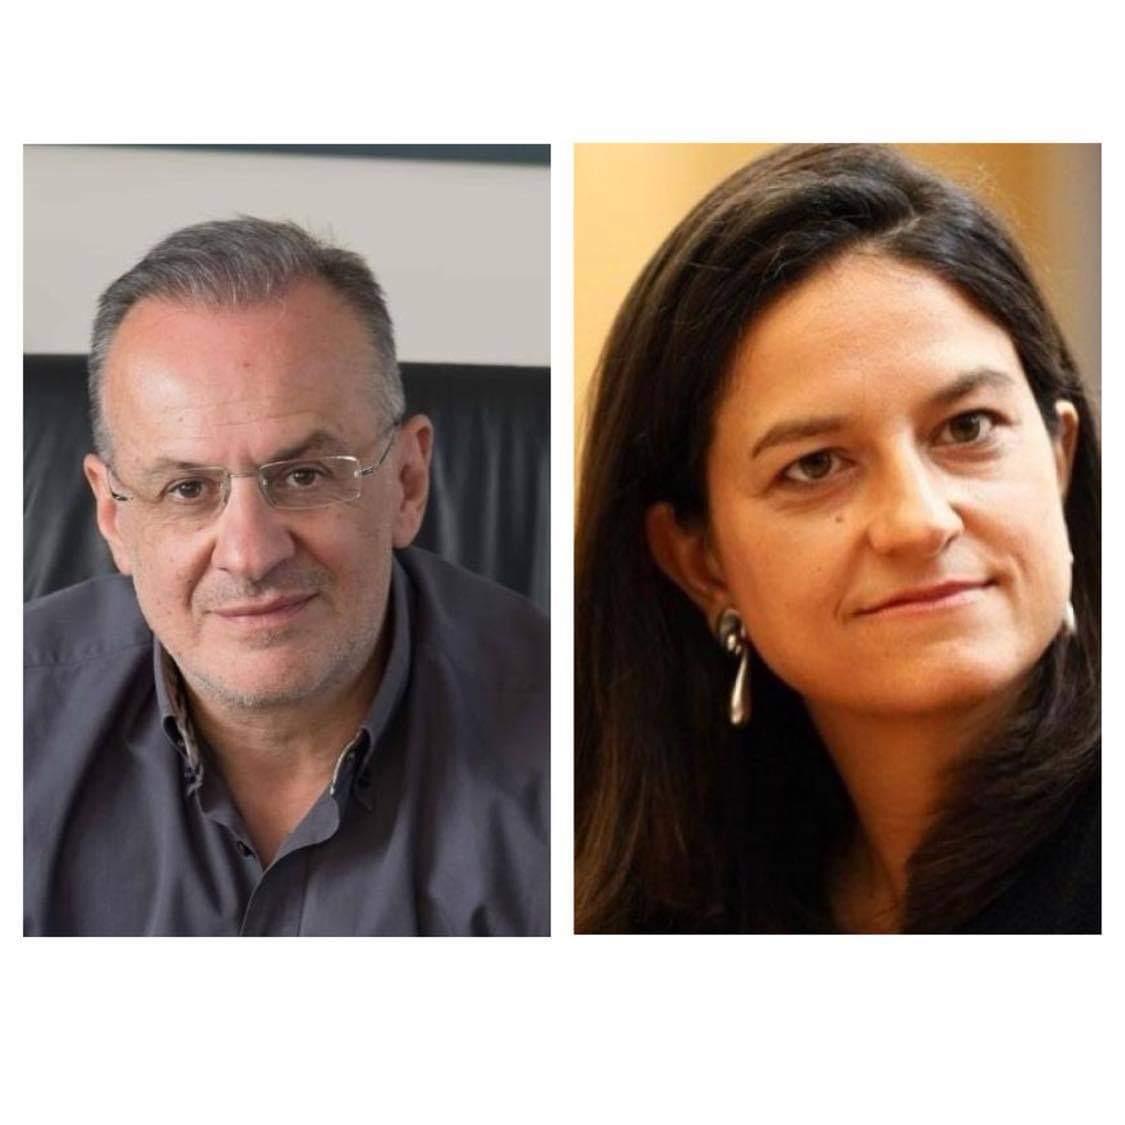 Ζεμπίλης: Σε τηλεδιάσκεψη με την Κεραμέως – Δείτε τι συζήτησαν